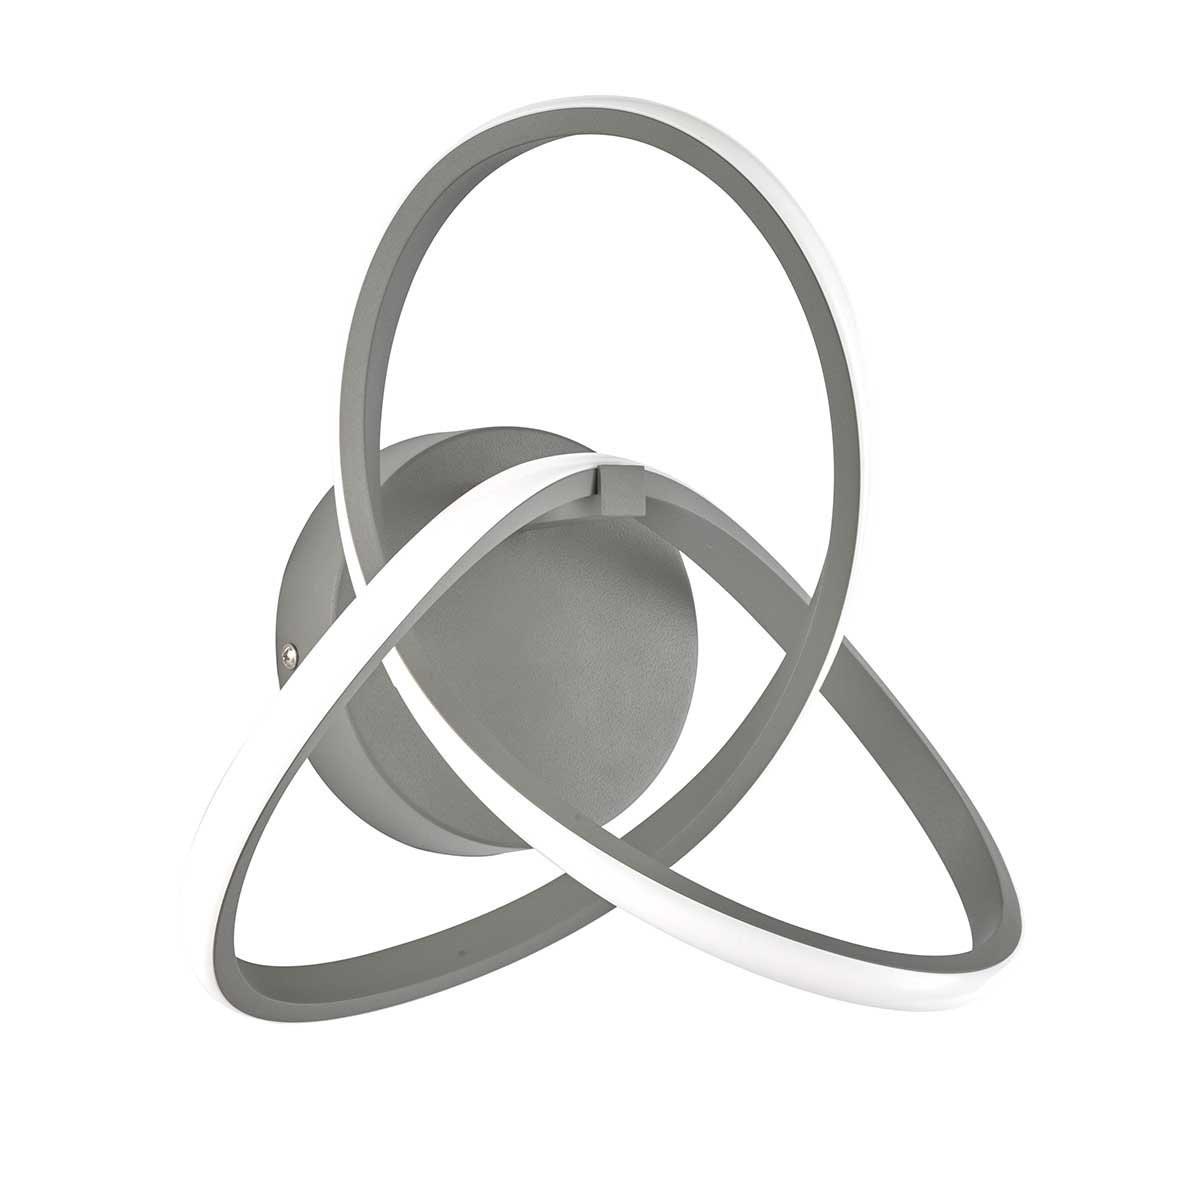 Moderne WOFI Wandleuchte INDIGO in grau und gold   LED 14W Warmweiß Energieeffizienz A